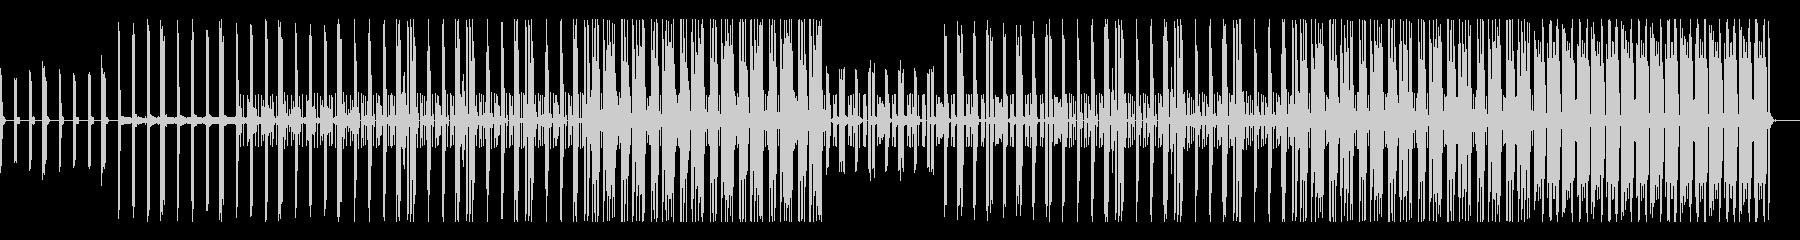 シンセ ダーク サイバー トラップの未再生の波形